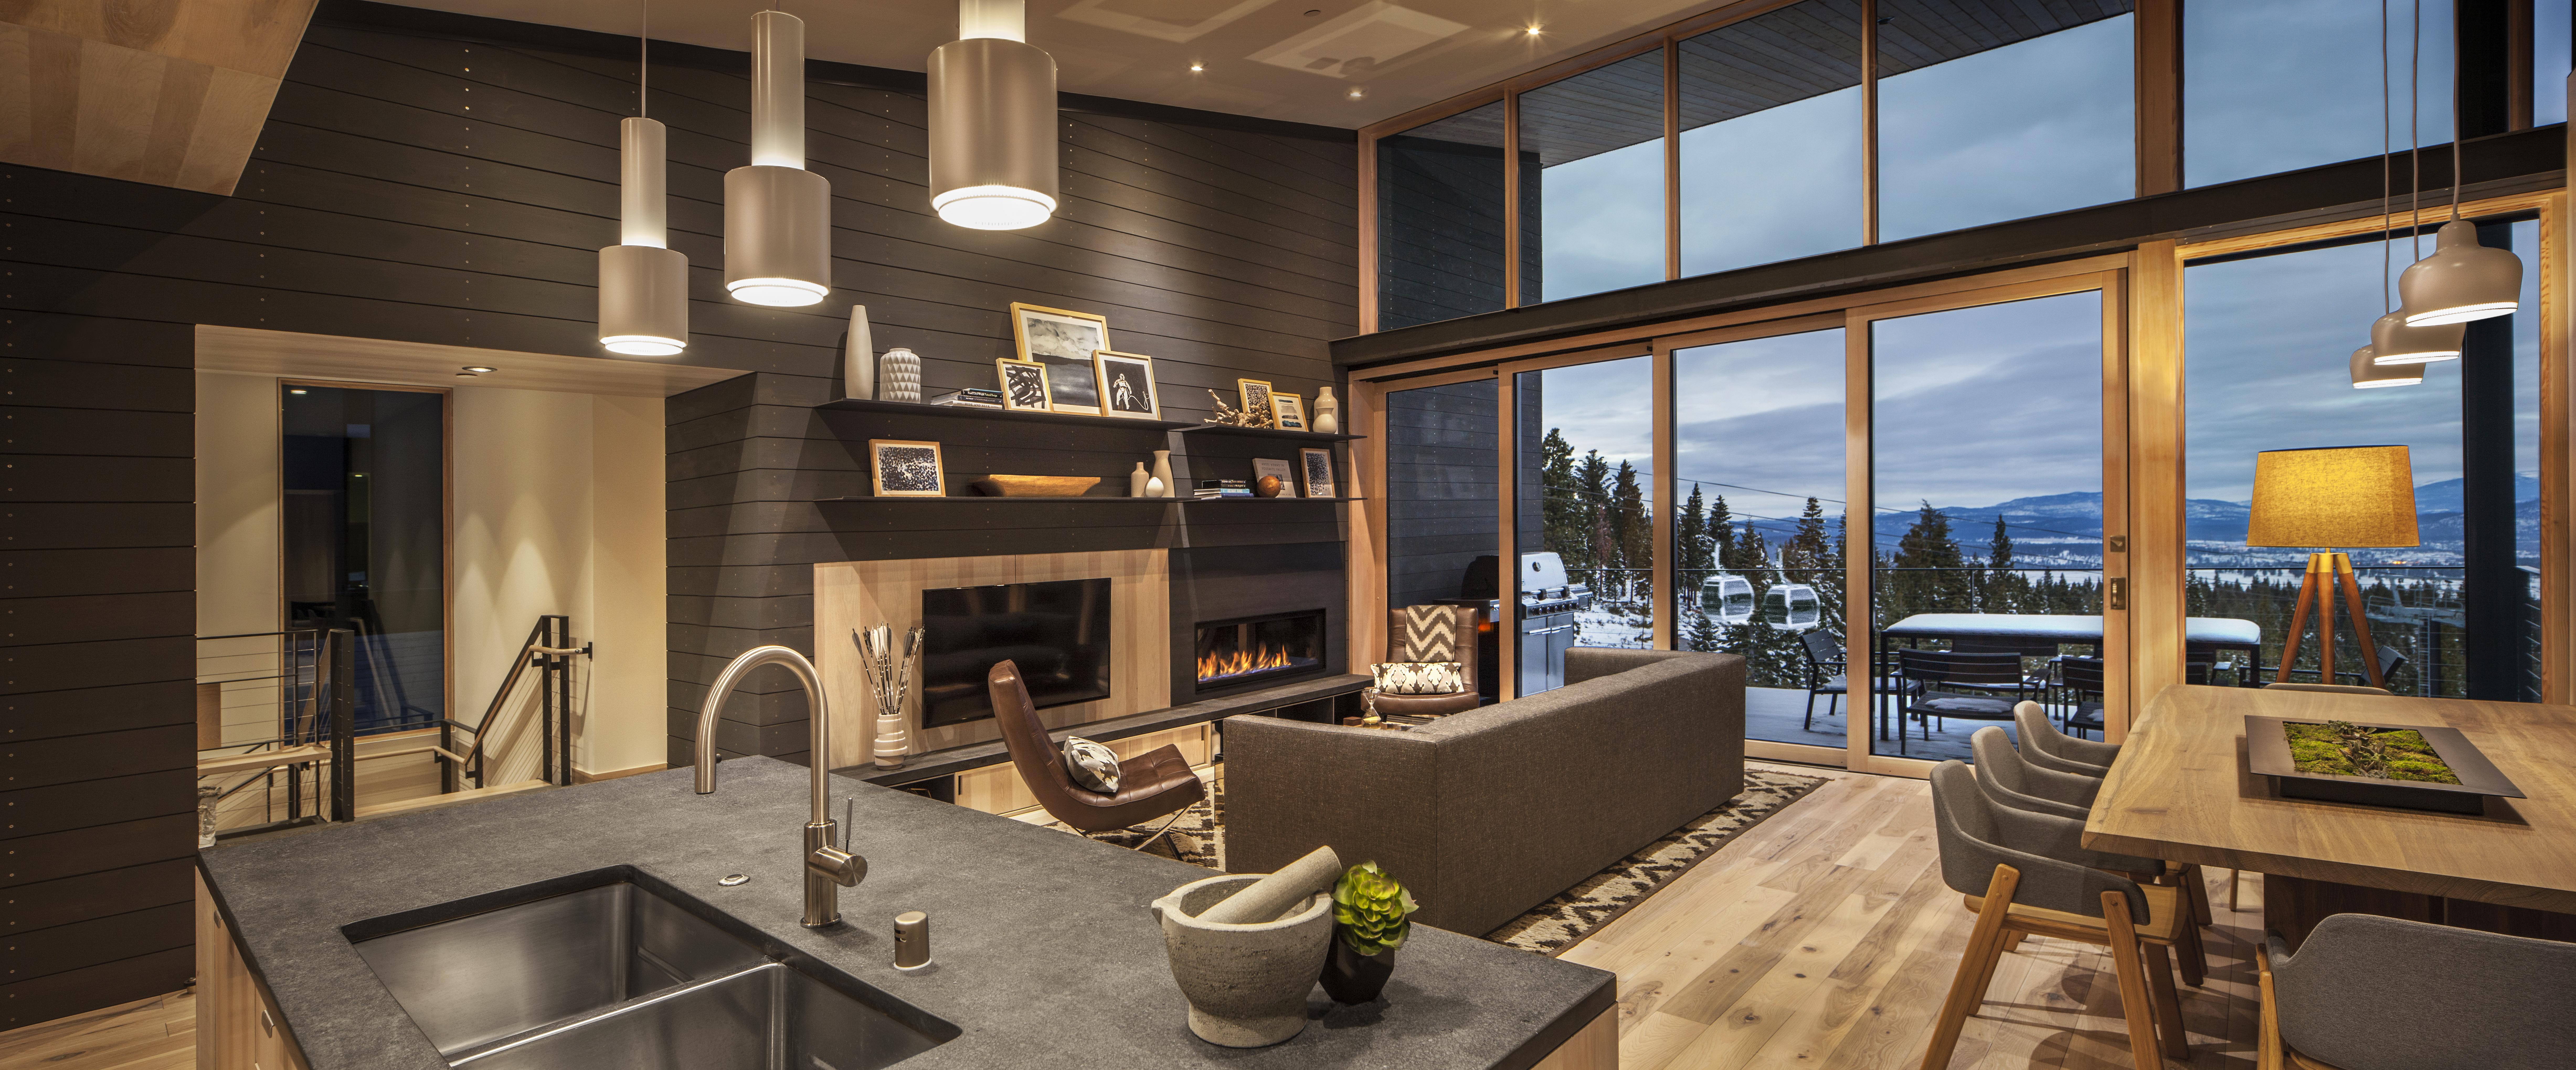 stellar #3 living room